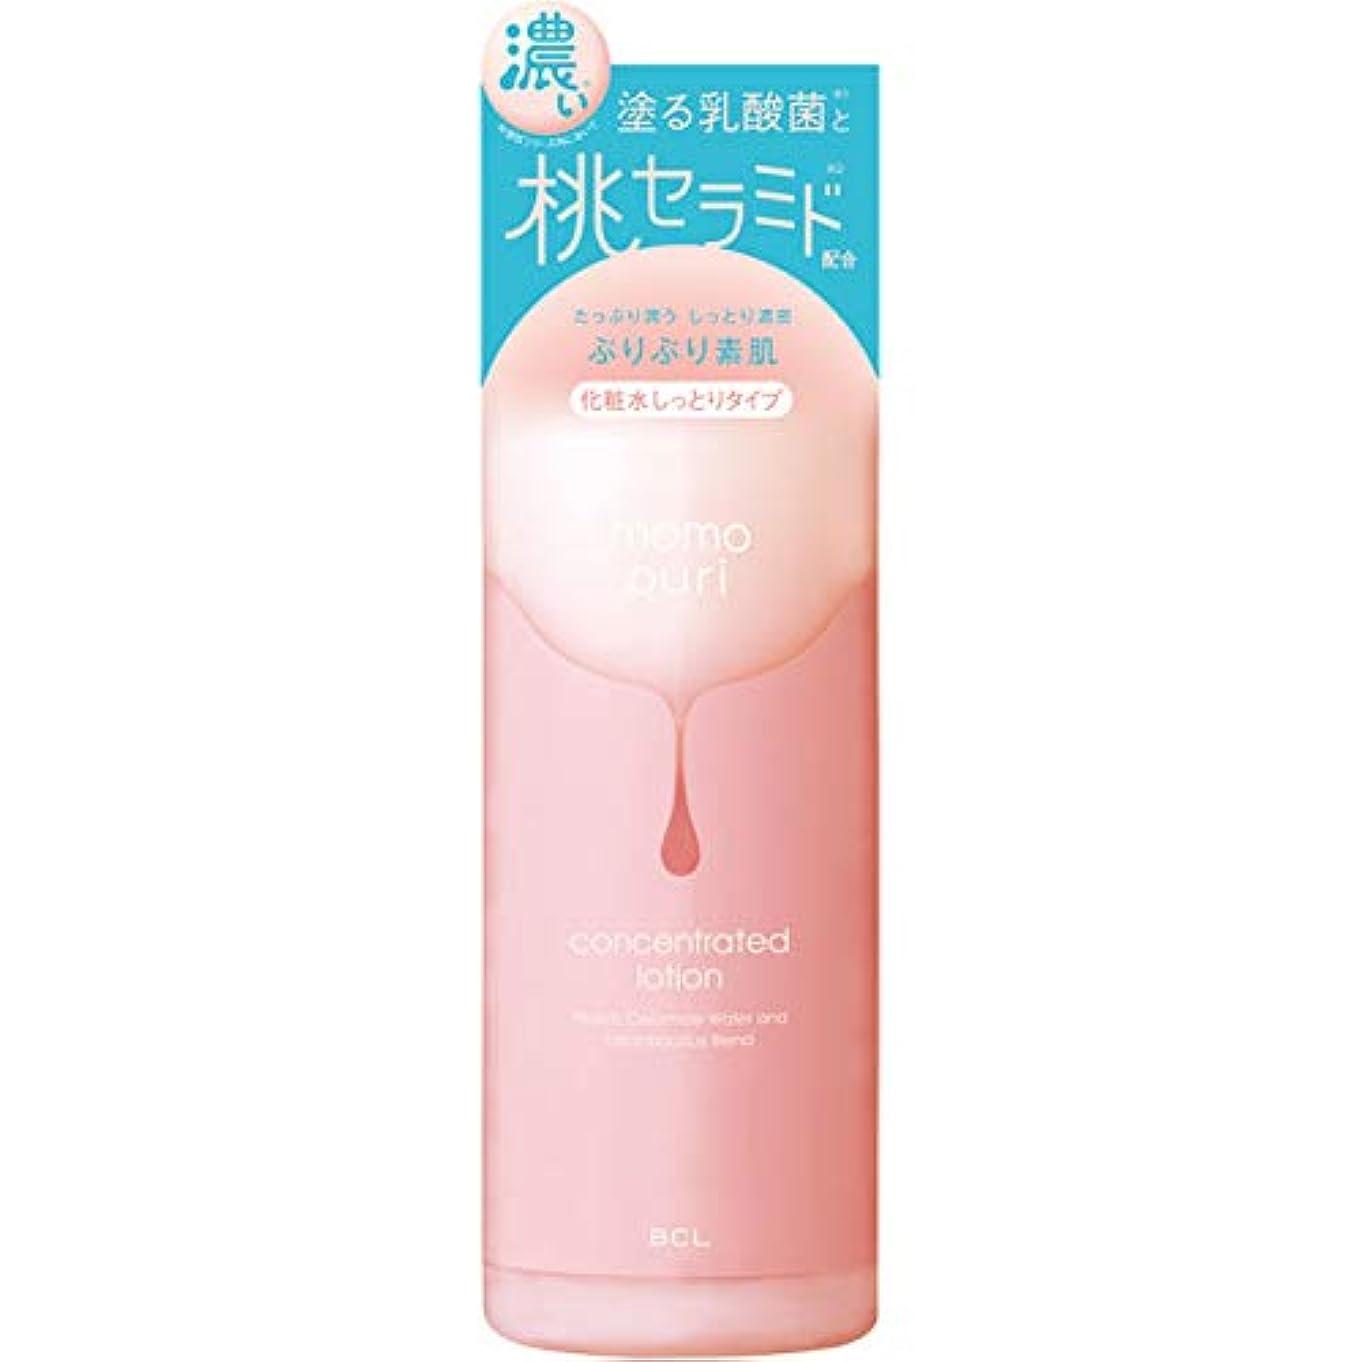 減少ネコスイ【5個セット】ももぷり 潤い濃密化粧水 200ml